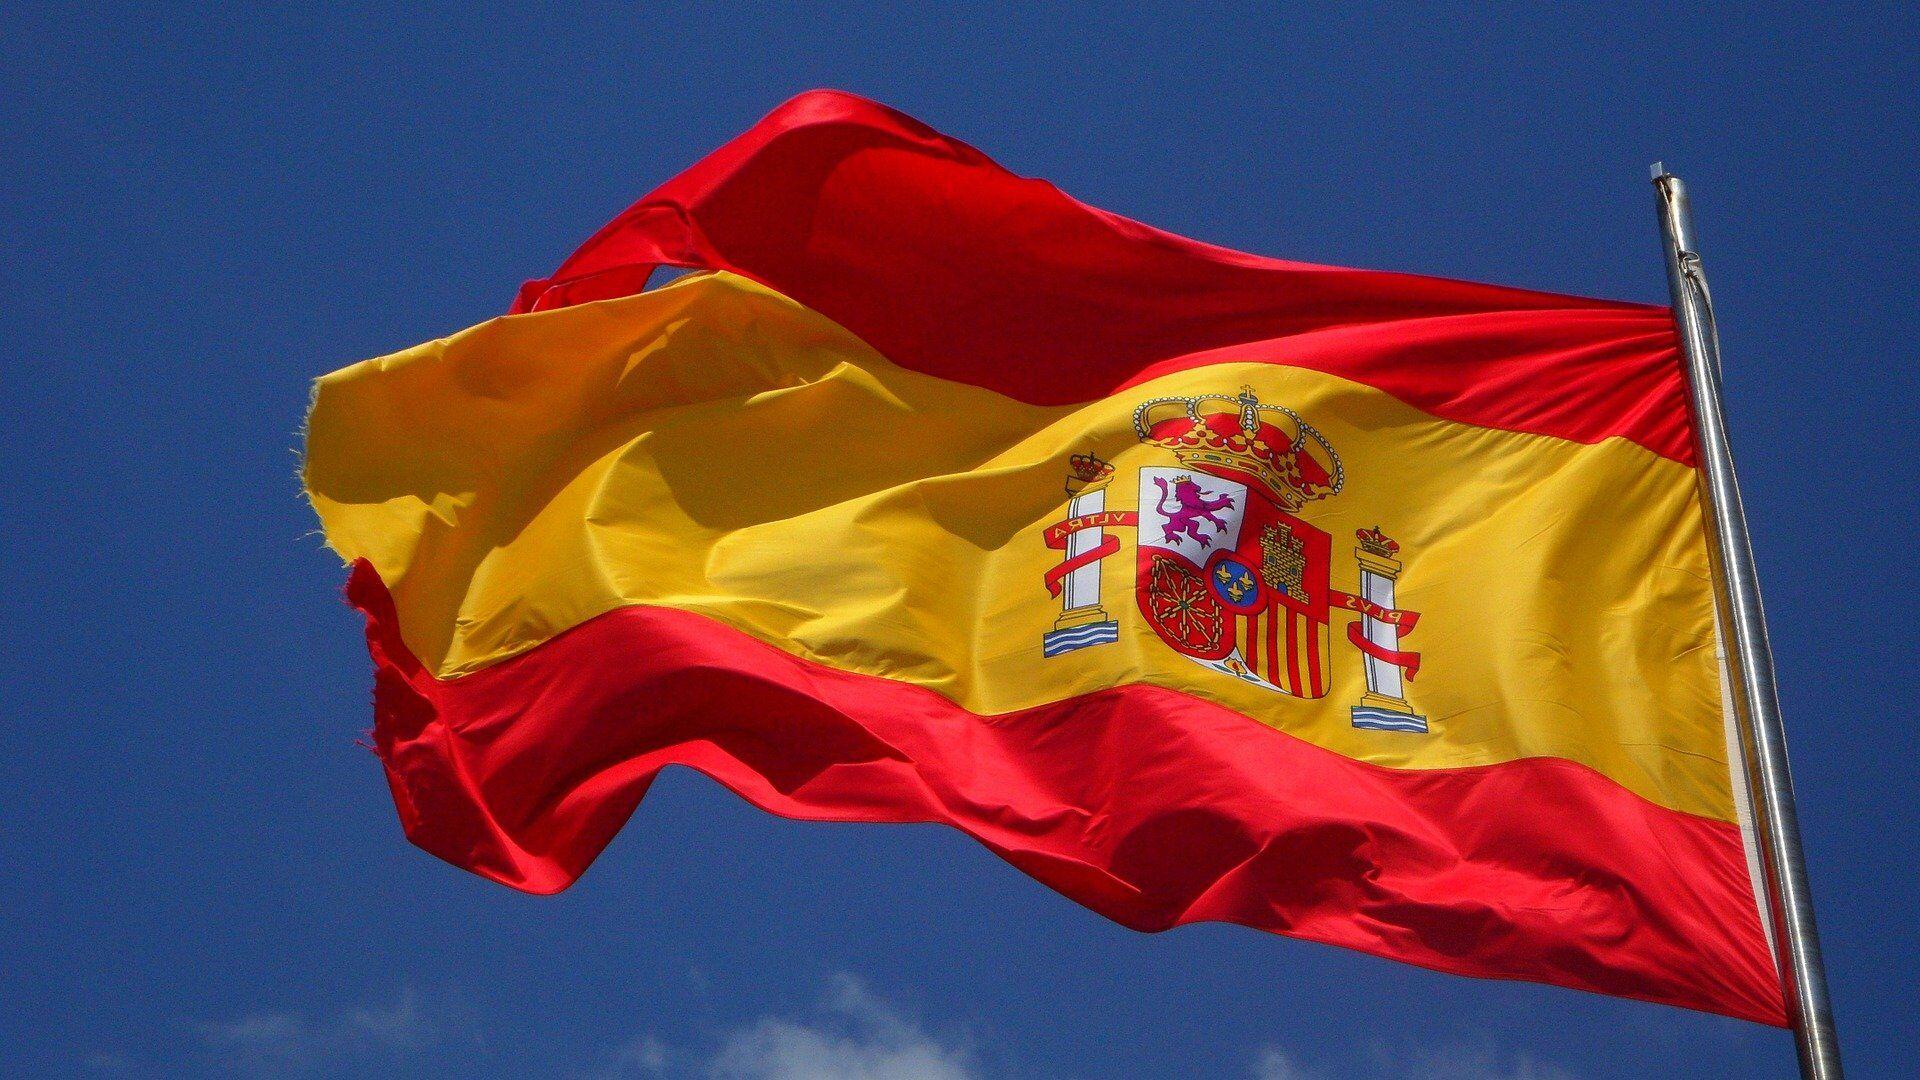 La bandera de España - Sputnik Mundo, 1920, 29.04.2021